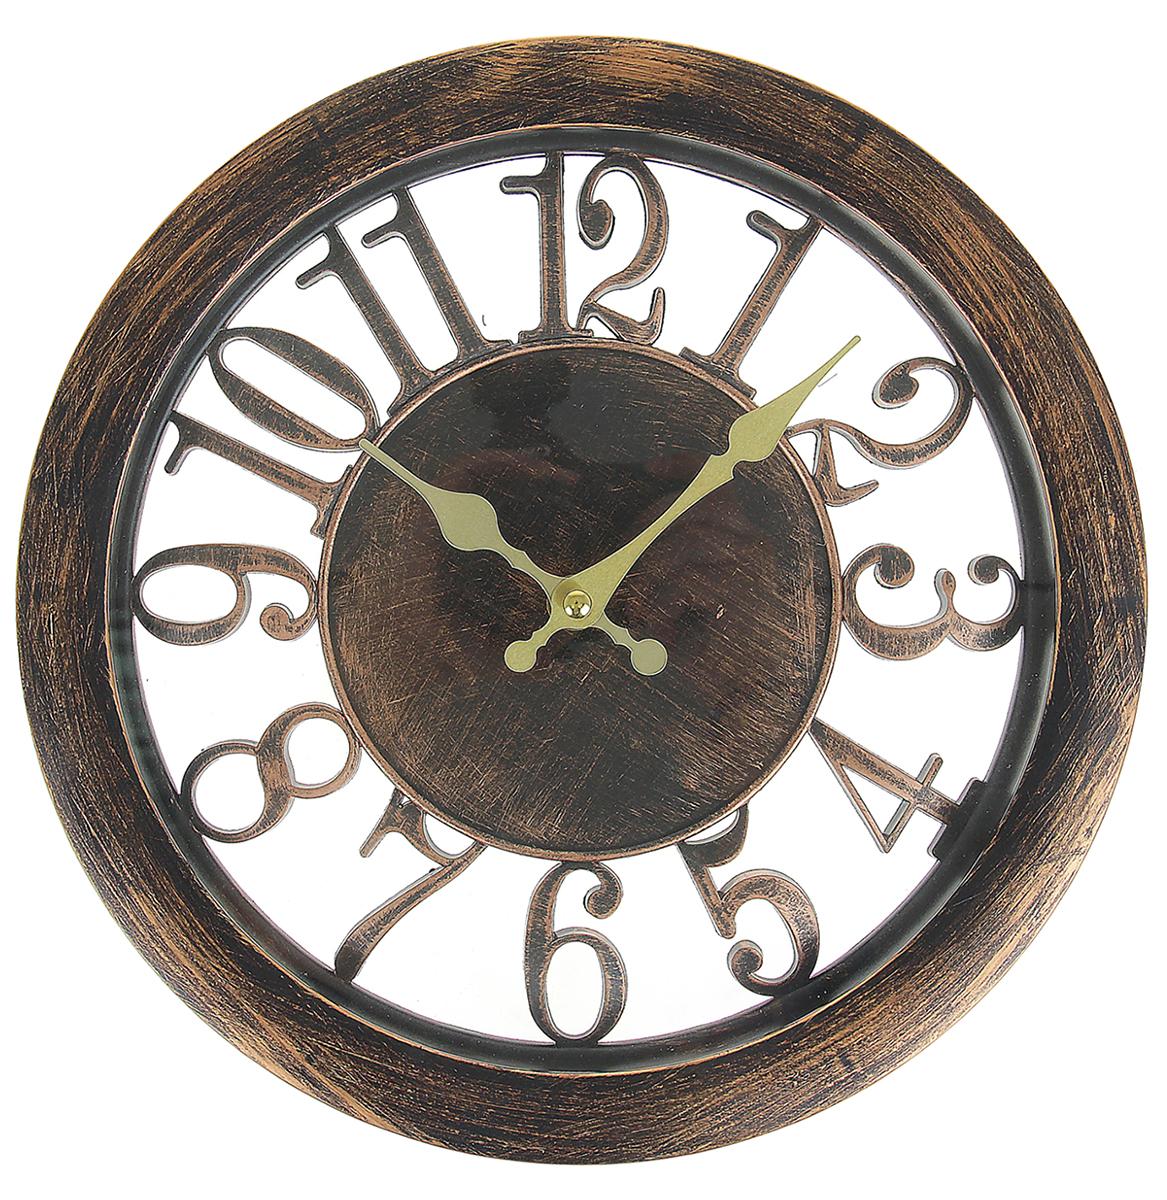 Часы настенные Цифры, цвет: бронза, диаметр 30 см725898Каждому хозяину периодически приходит мысль обновить свою квартиру, сделать ремонт, перестановку или кардинально поменять внешний вид каждой комнаты. Часы настенные интерьерные Серия Цифры. Пунктуальность, d=30 см, рама под состаренную бронзу — привлекательная деталь, которая поможет воплотить вашу интерьерную идею, создать неповторимую атмосферу в вашем доме. Окружите себя приятными мелочами, пусть они радуют глаз и дарят гармонию.Часы настенные серия Цифры, круг, цифры по кайме, рама бронза d=30см 725898